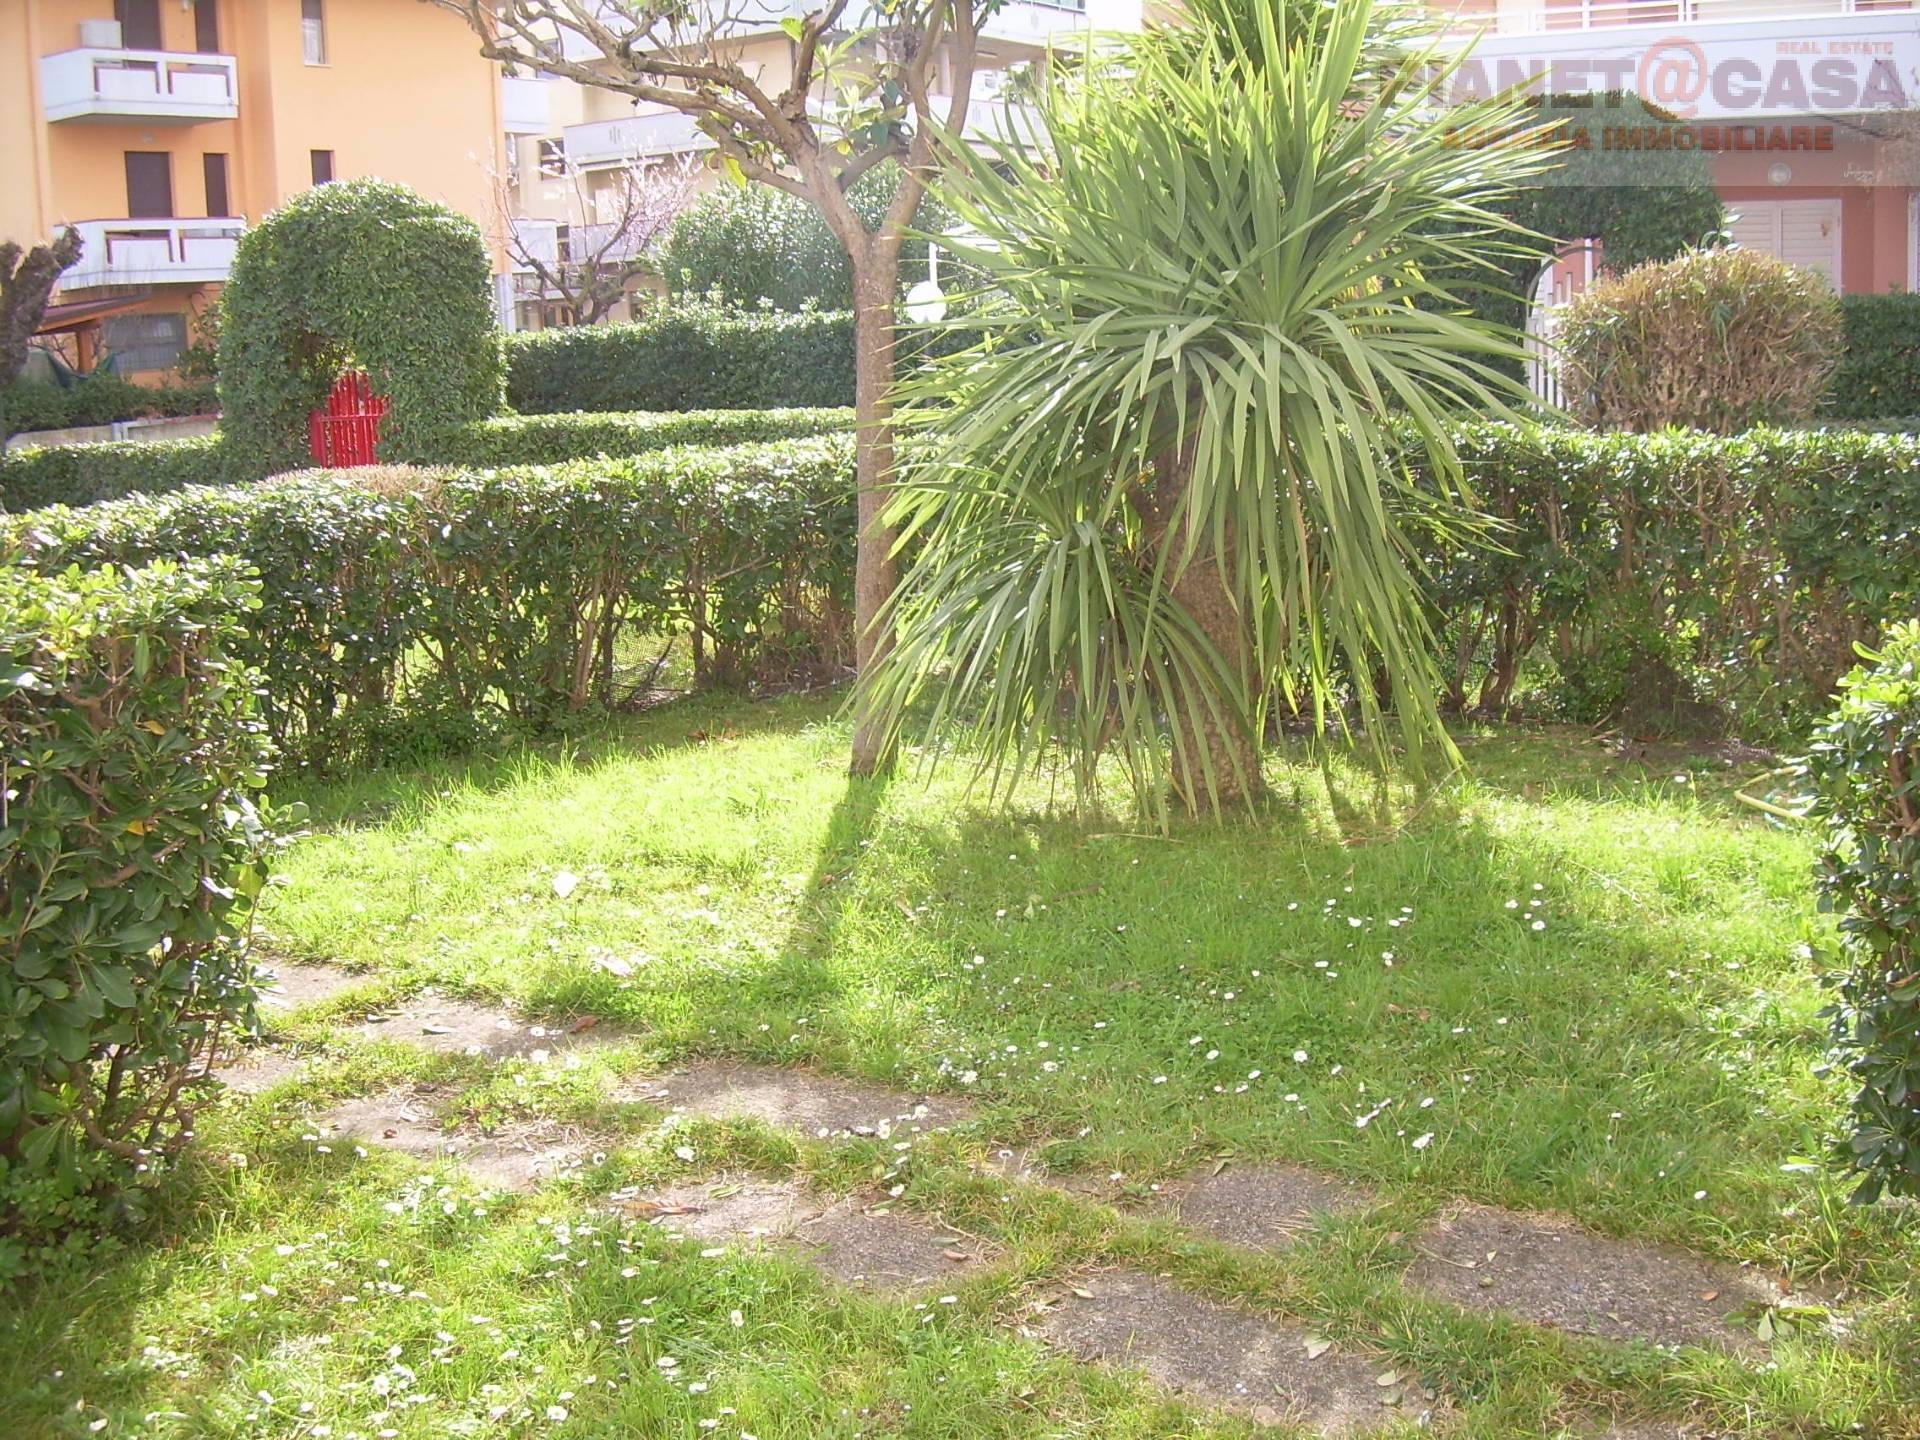 Appartamento in vendita a Martinsicuro, 3 locali, zona Località: VILLAROSA, prezzo € 128.000 | CambioCasa.it